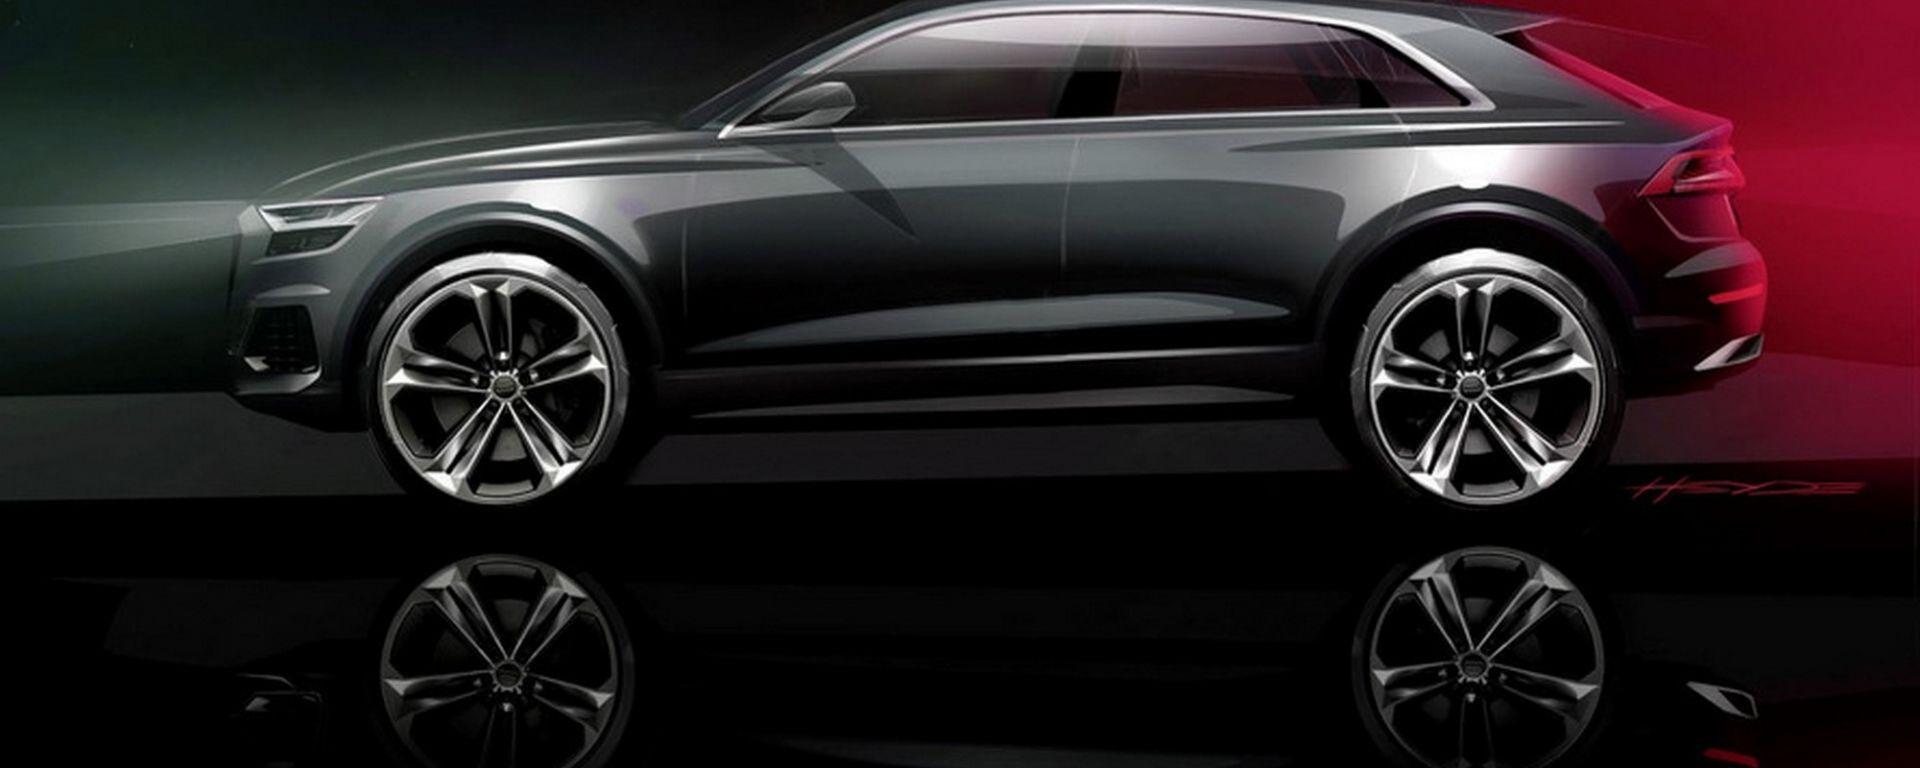 Audi Q9, fantasia o progetto concreto?